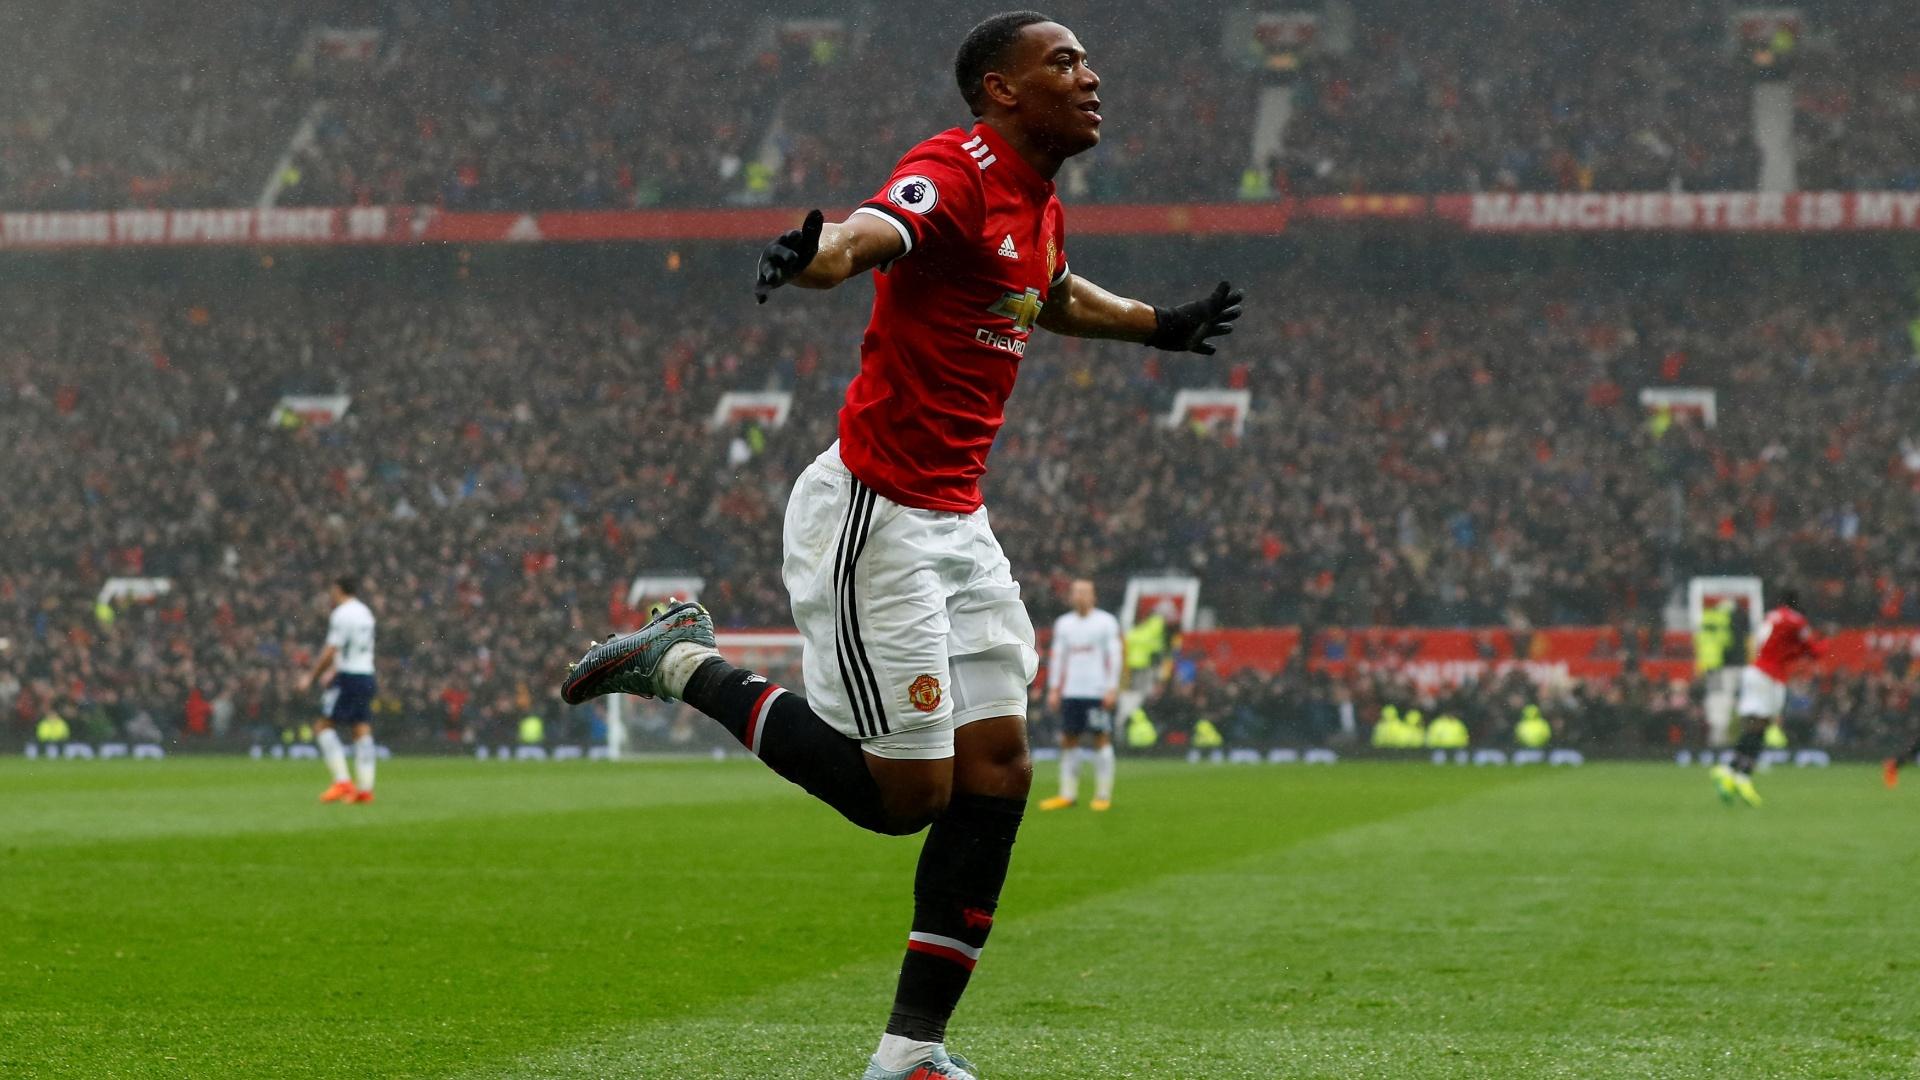 Martial comemora gol para o United contra o Tottenham